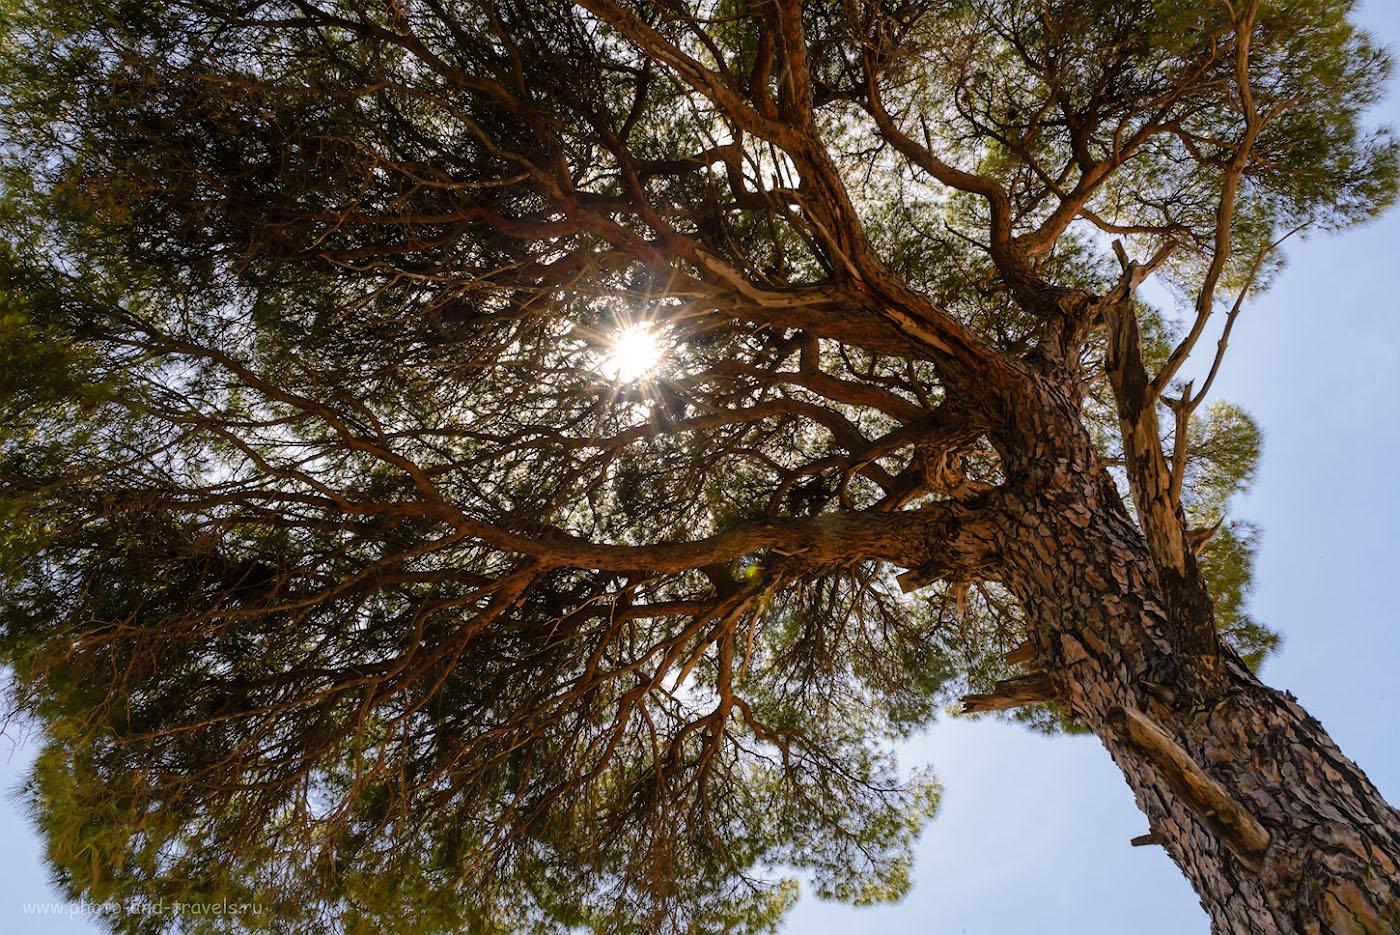 Фотография 33. Горячее солнце Турции. 1/100, +1.33, 22.0, 1600, 24.